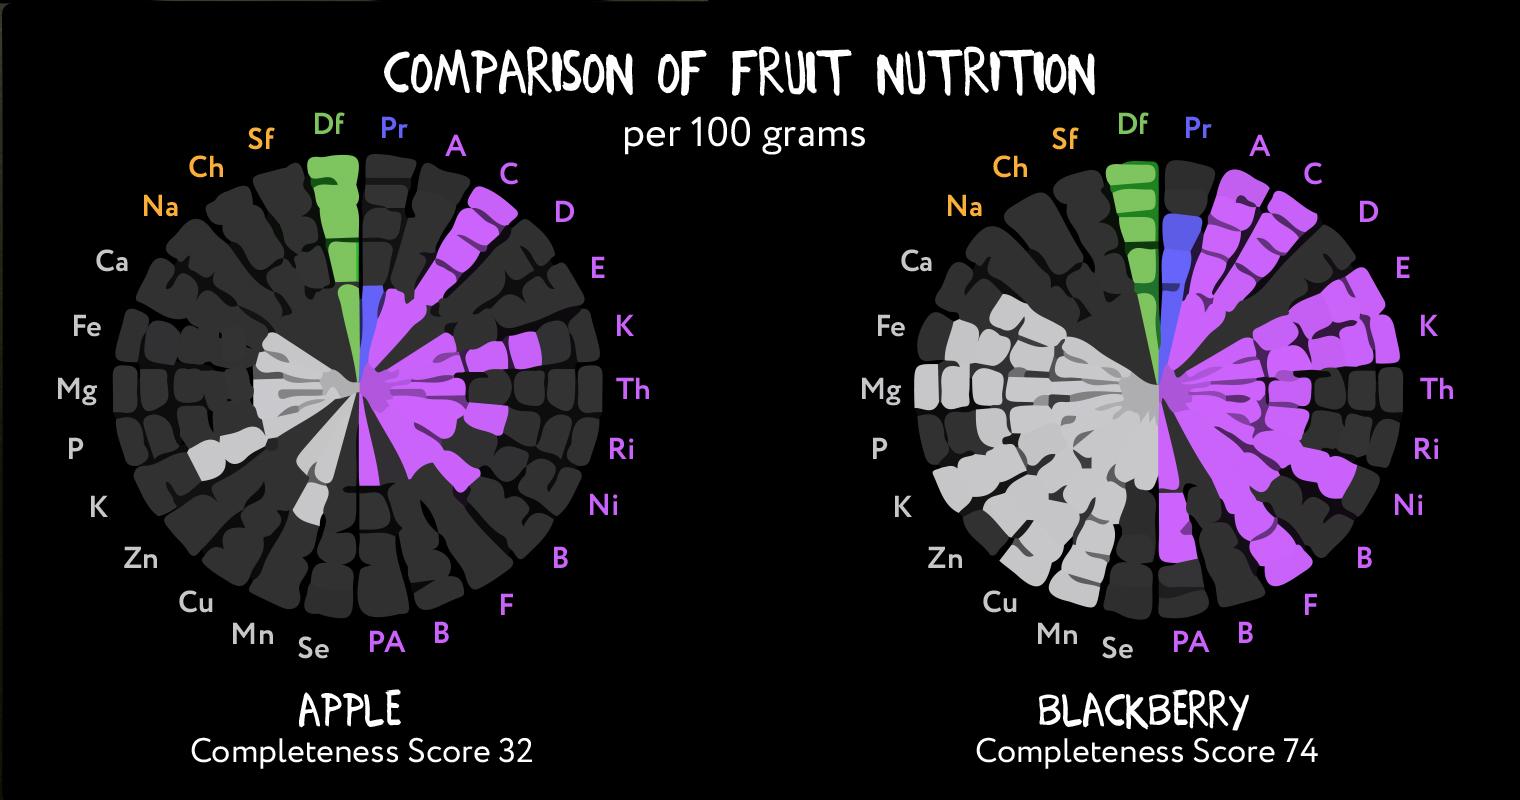 Apple vs Blackberry Nutrition